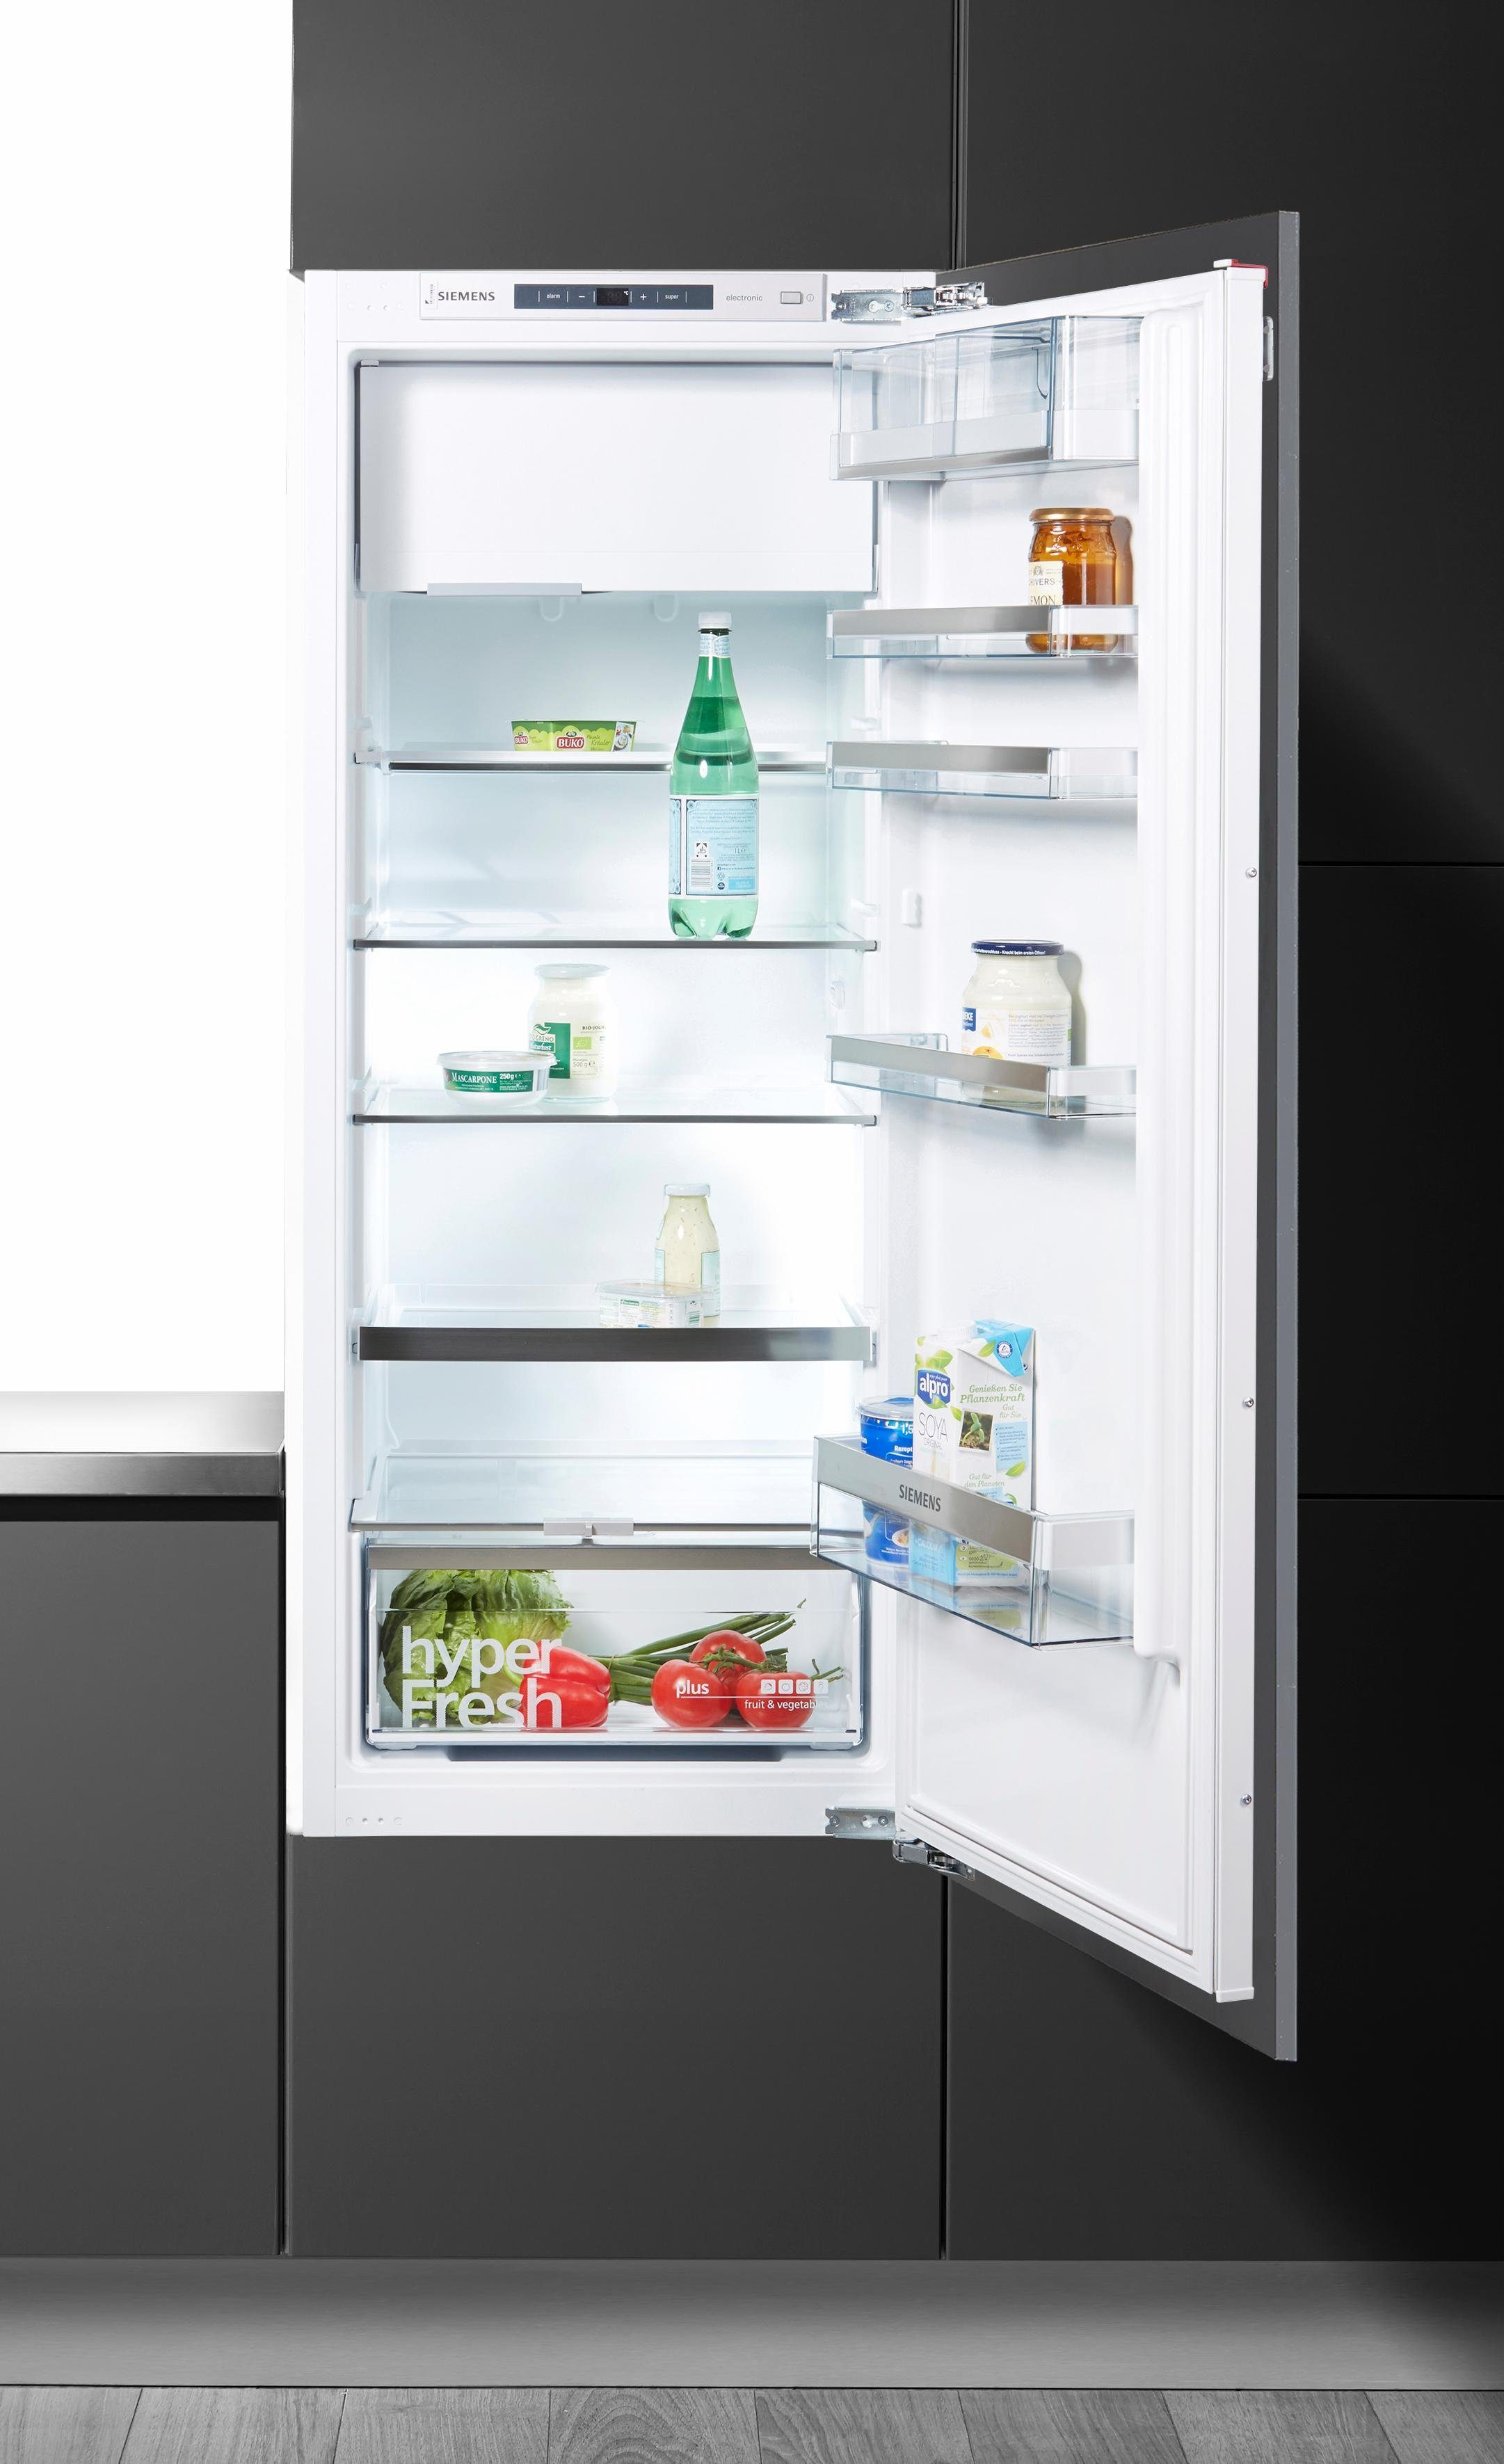 SIEMENS Einbaukühlschrank KI52LAD40, 139,7 cm hoch, 55,8 cm breit, Energieklasse A+++, 139,7 cm hoch